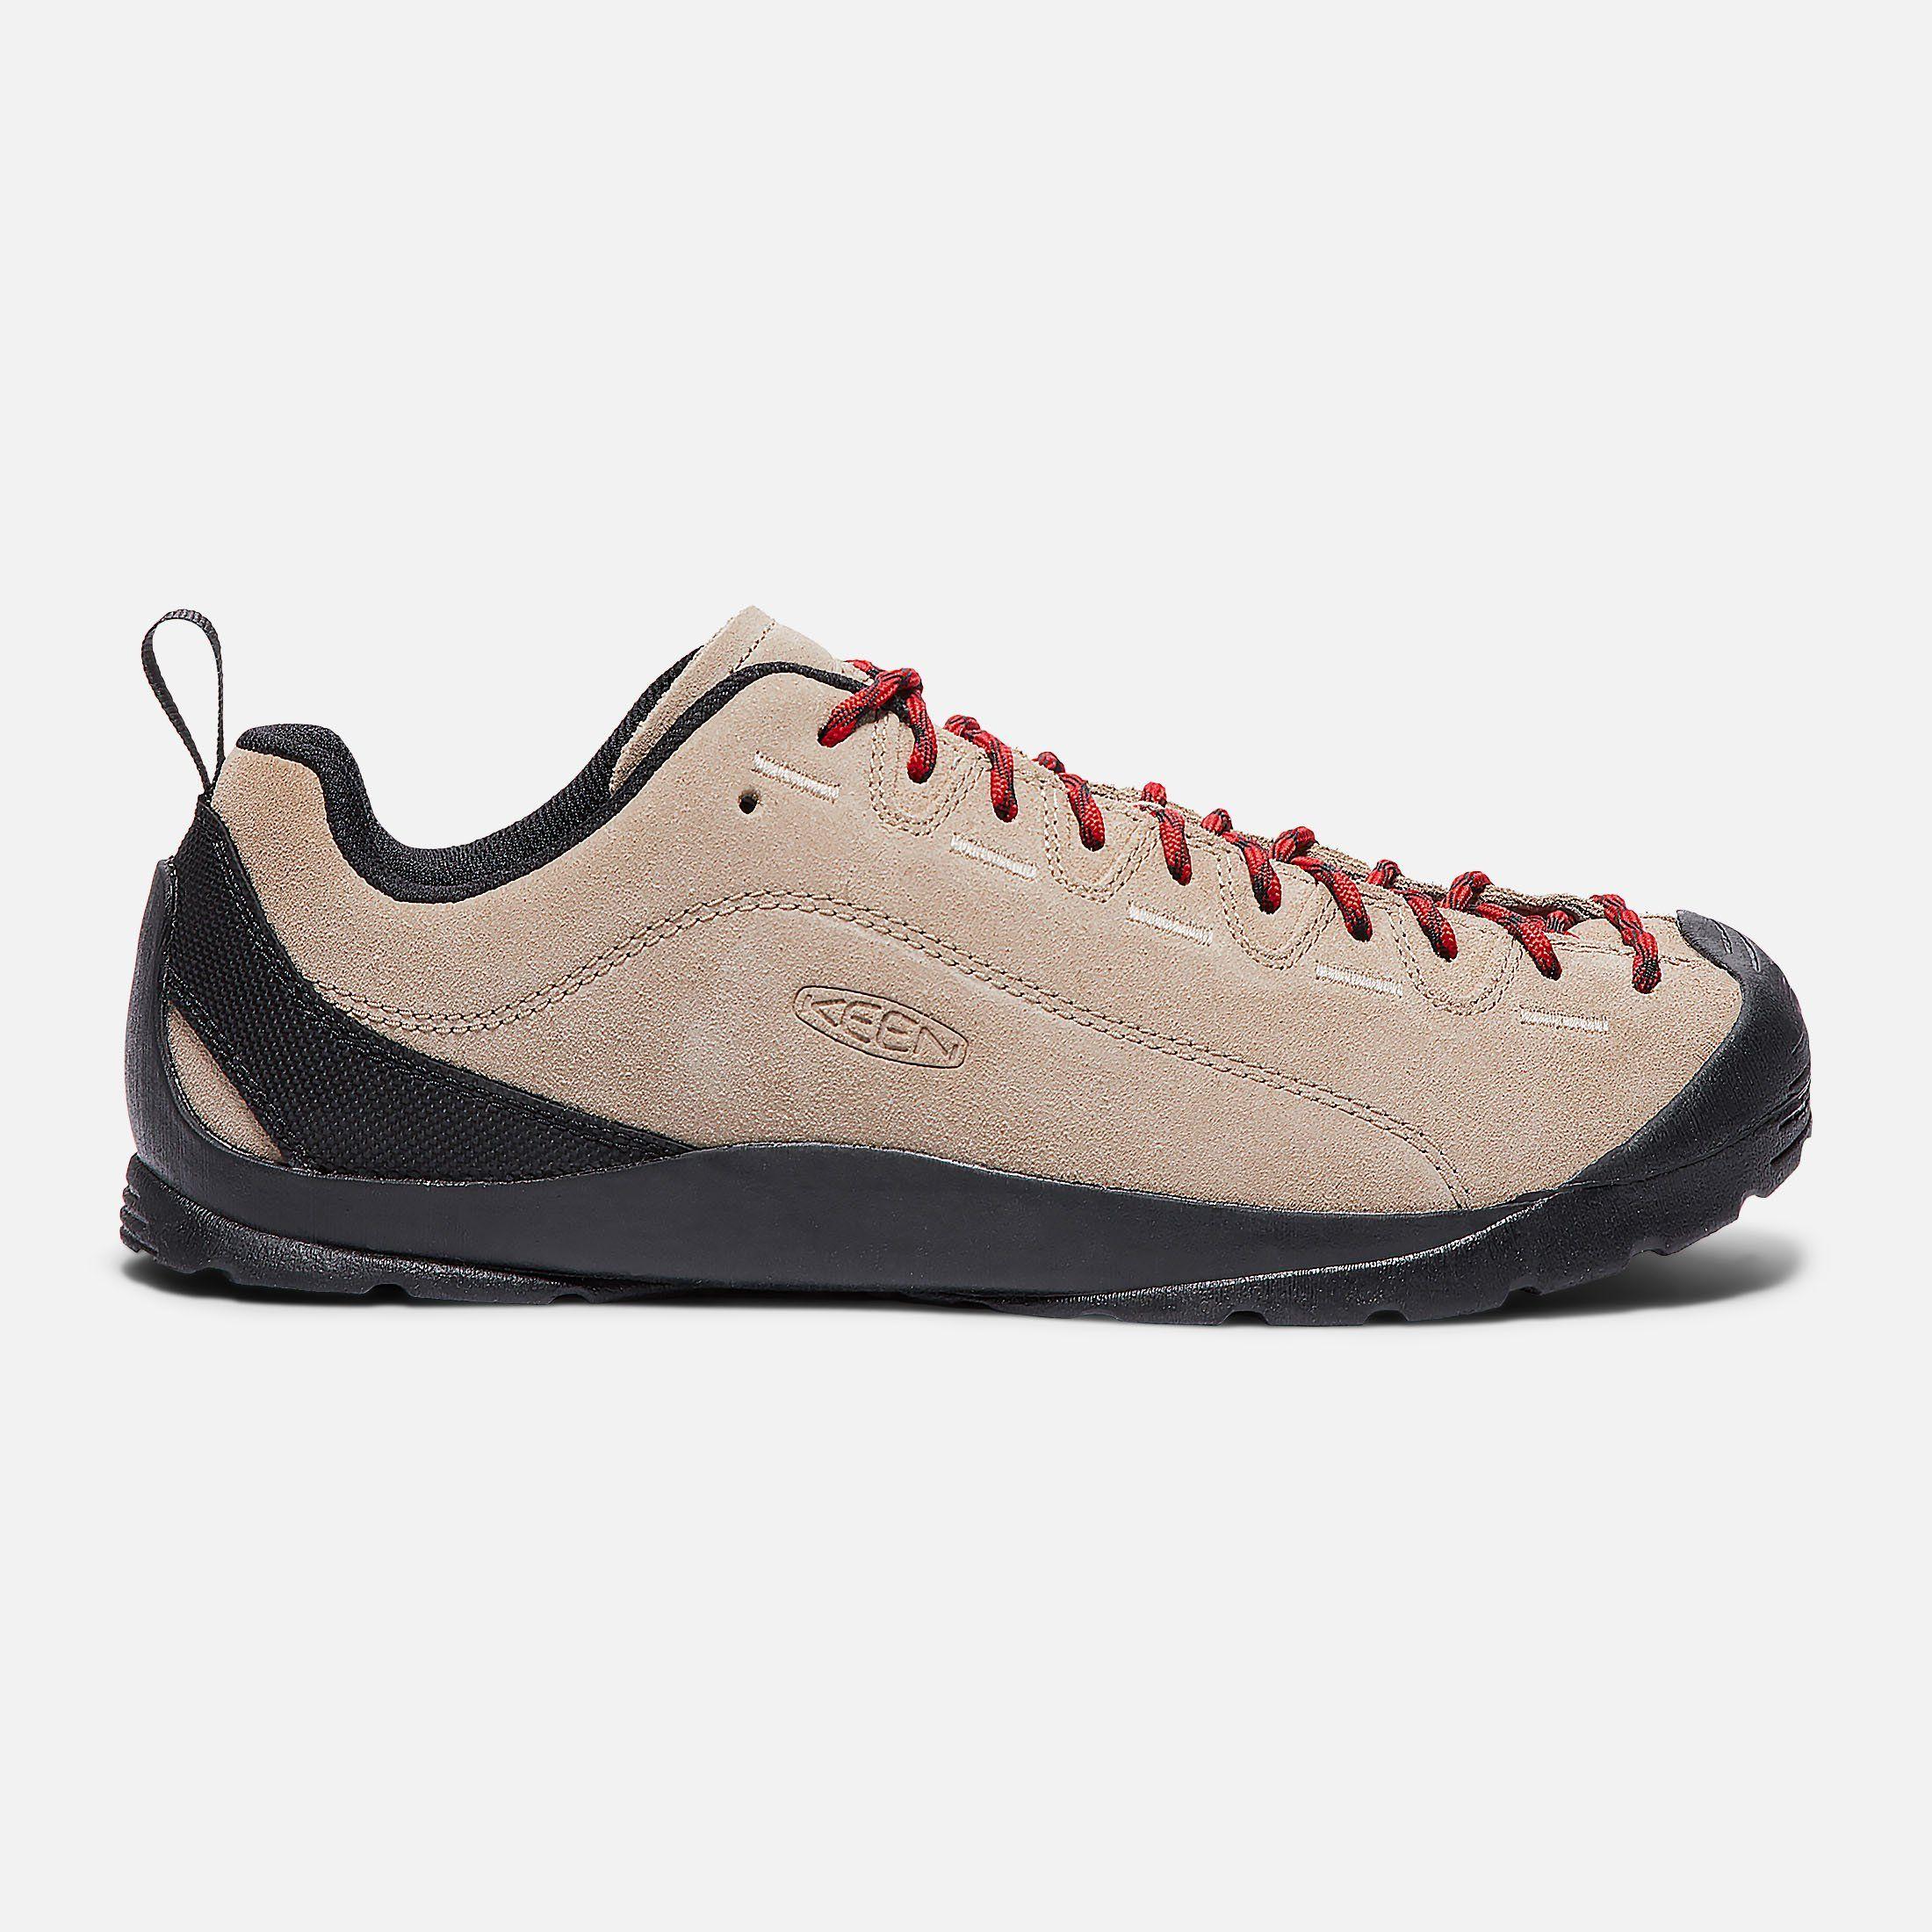 Keen Men S Jasper Shoes Size 8 5 In Silver Mink Most